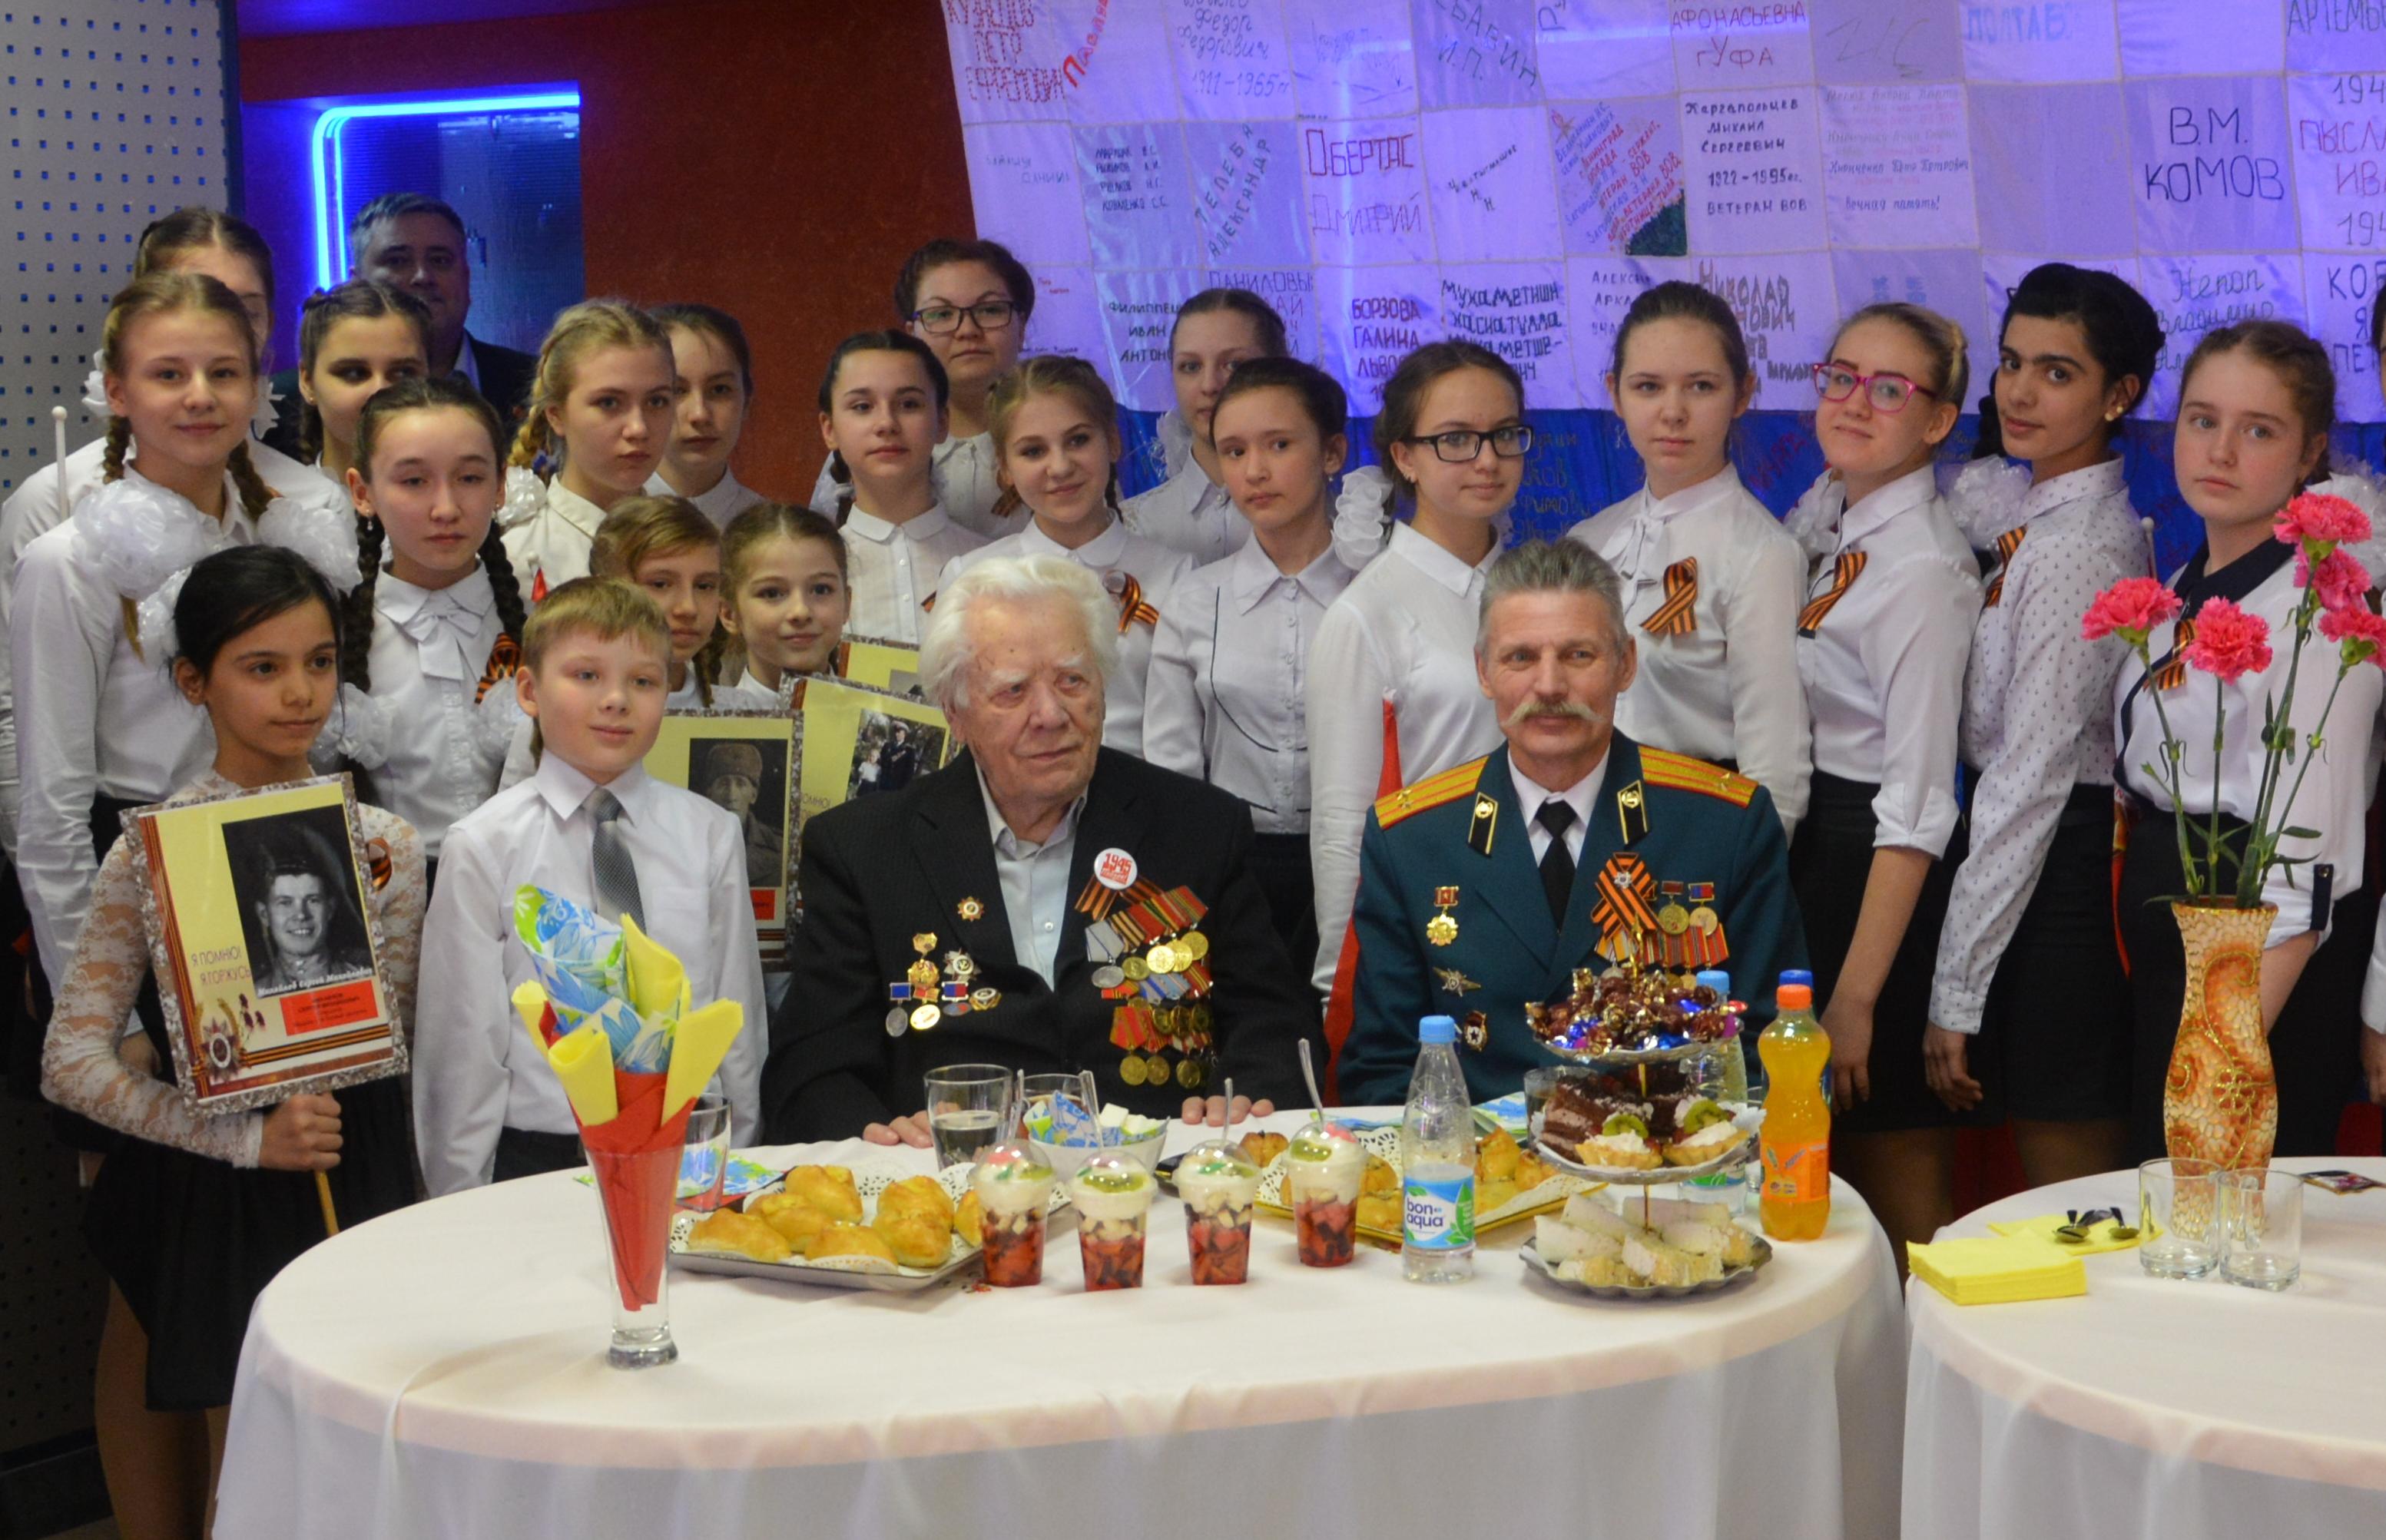 Ветеран ВОВ побывал в Кайеркане на праздничном концерте в честь Дня Победы